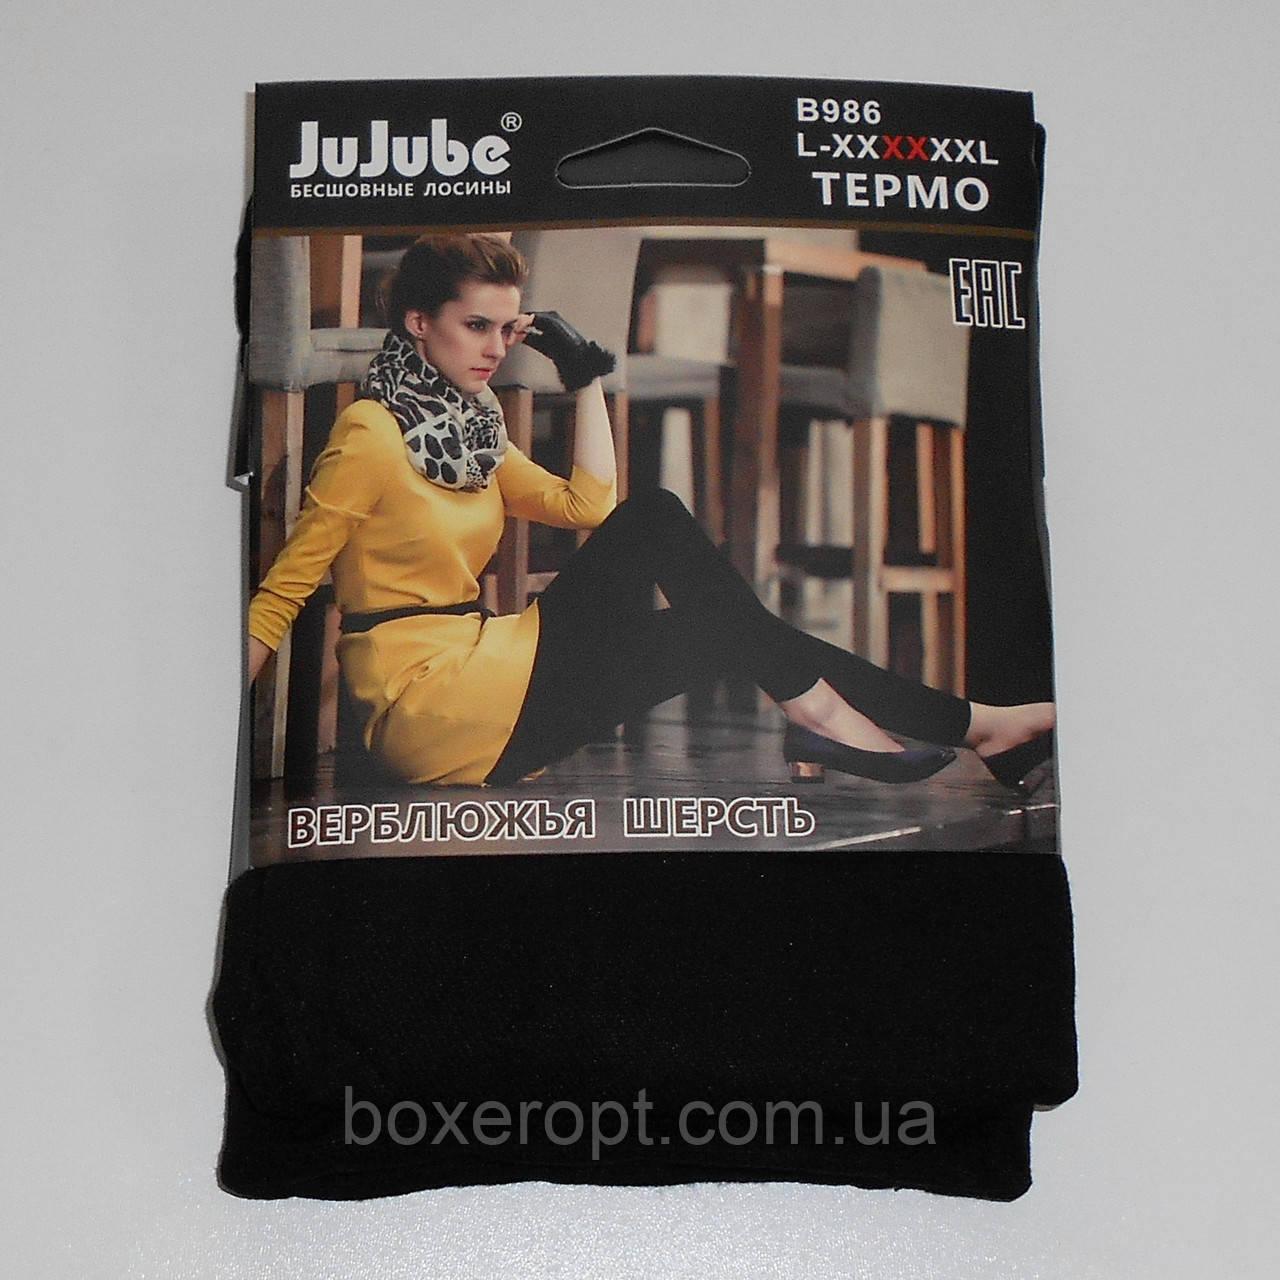 Лосины на меху JuJuBe (No.986)